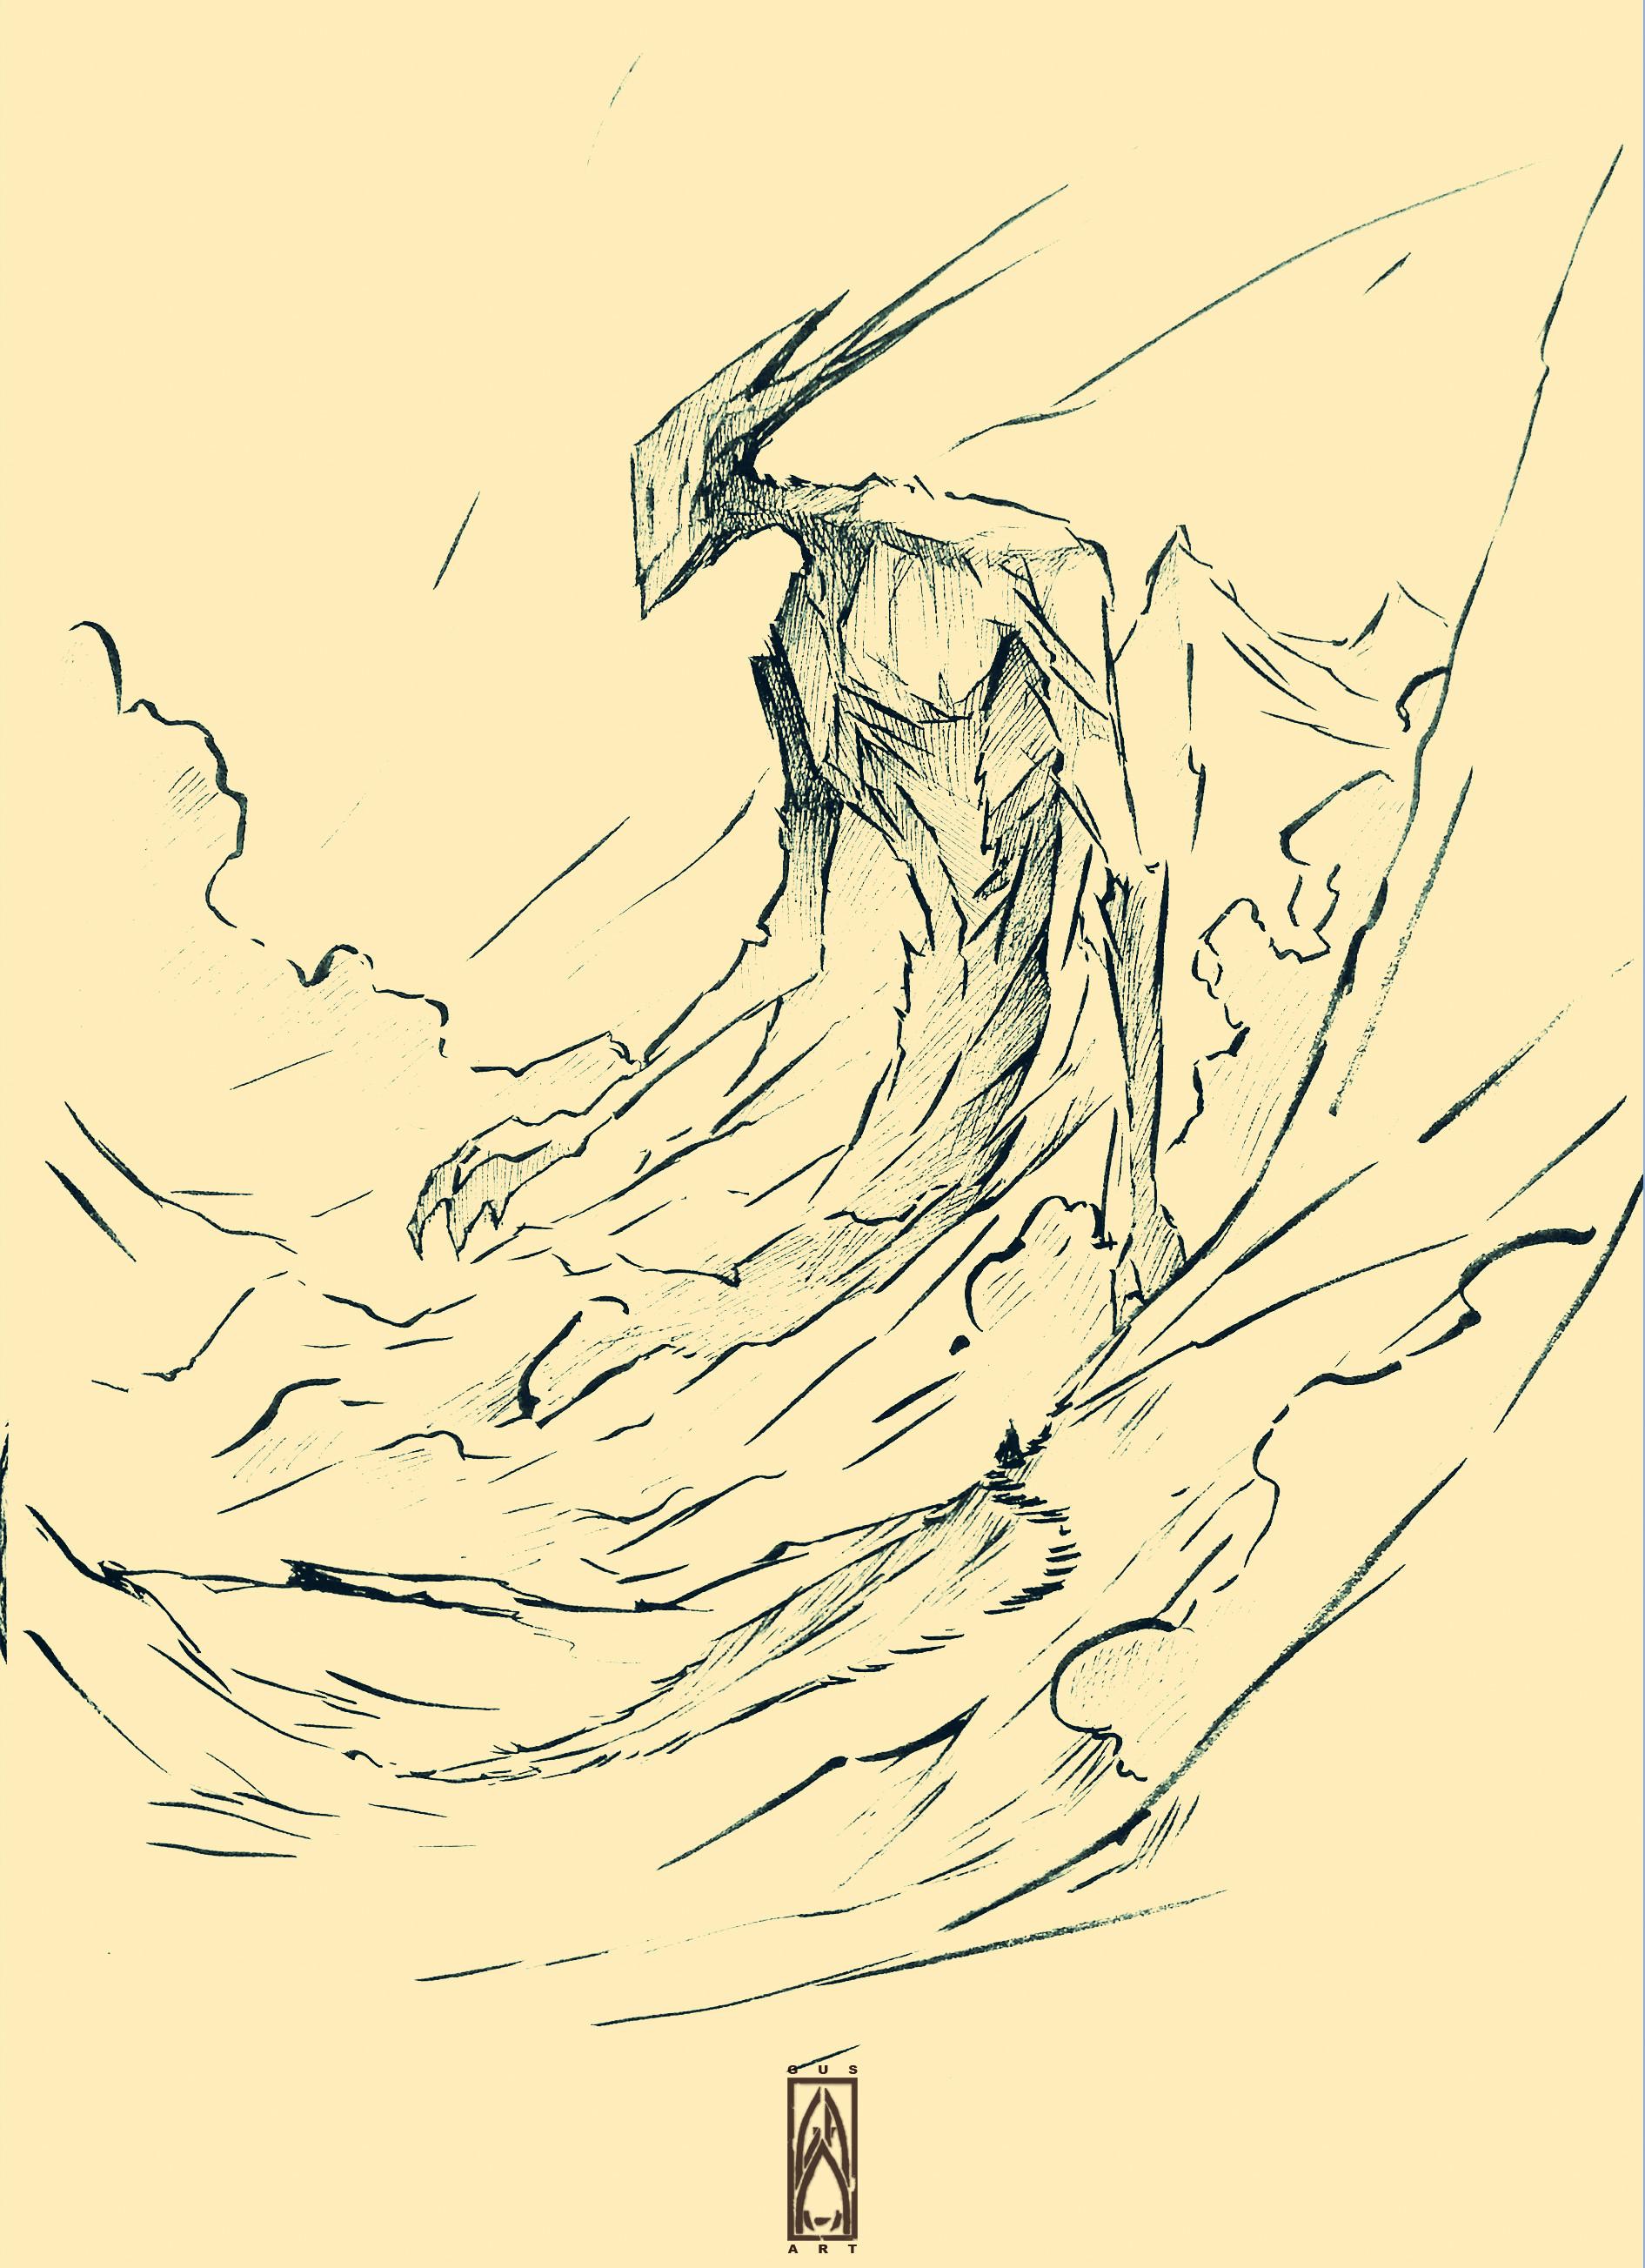 Gustavo arteaga longs shadows that roam gaia